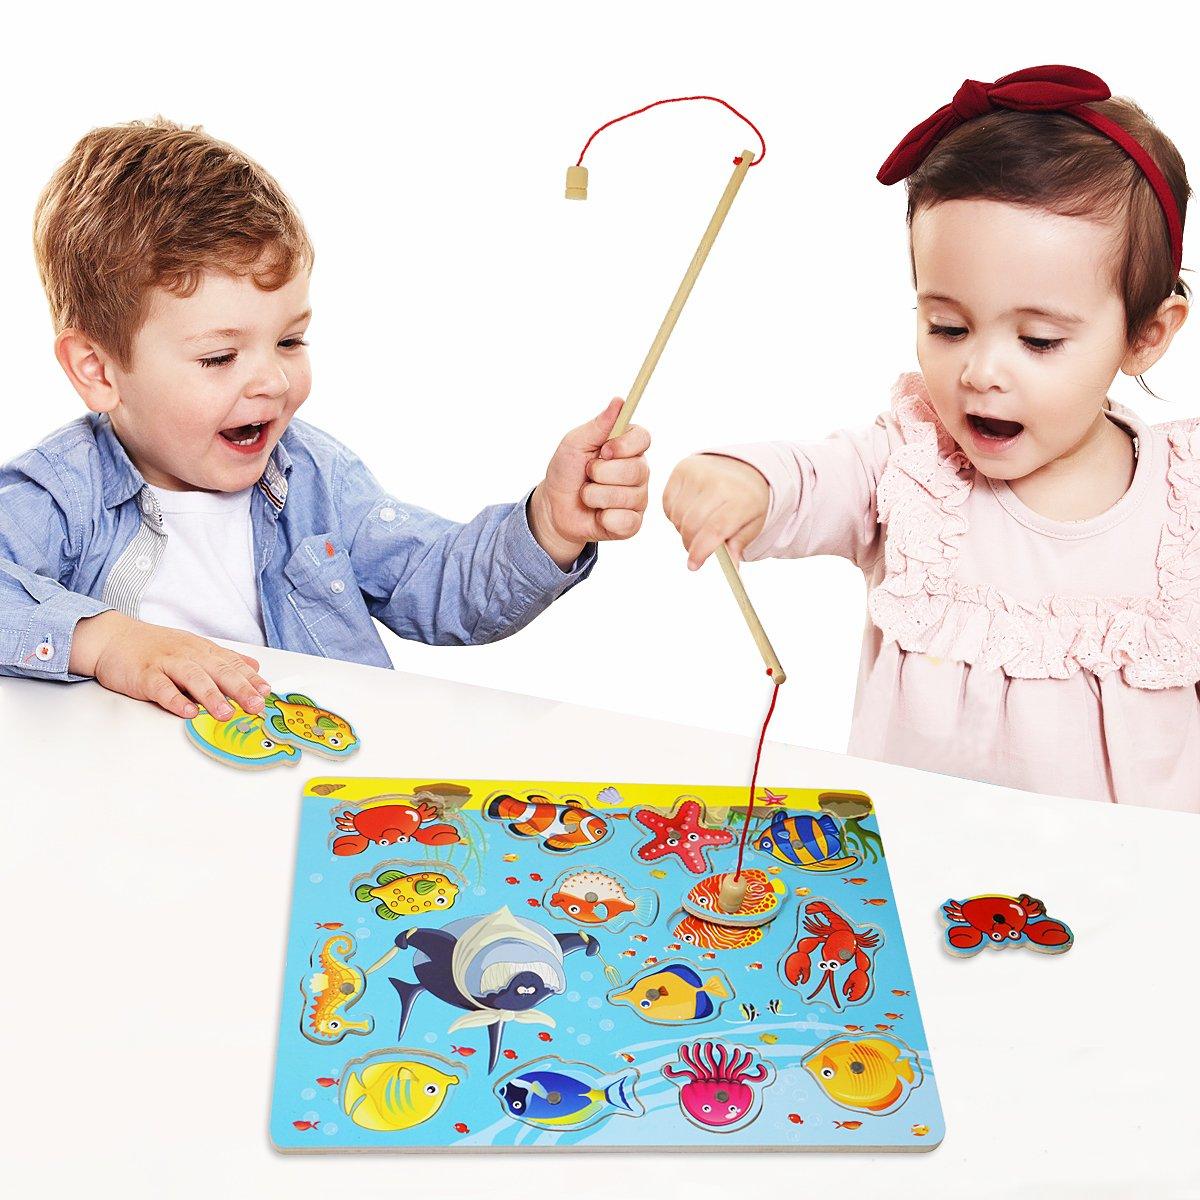 Lewo Magnetisches Holzpuzzles Angeln Spielzeug für 3 4 5 Jährige Kind Baby Kleinkind Jungen Mädchen Magnet Spielzeug mit 114Fischen und 2 Magnetpol Muwanzi